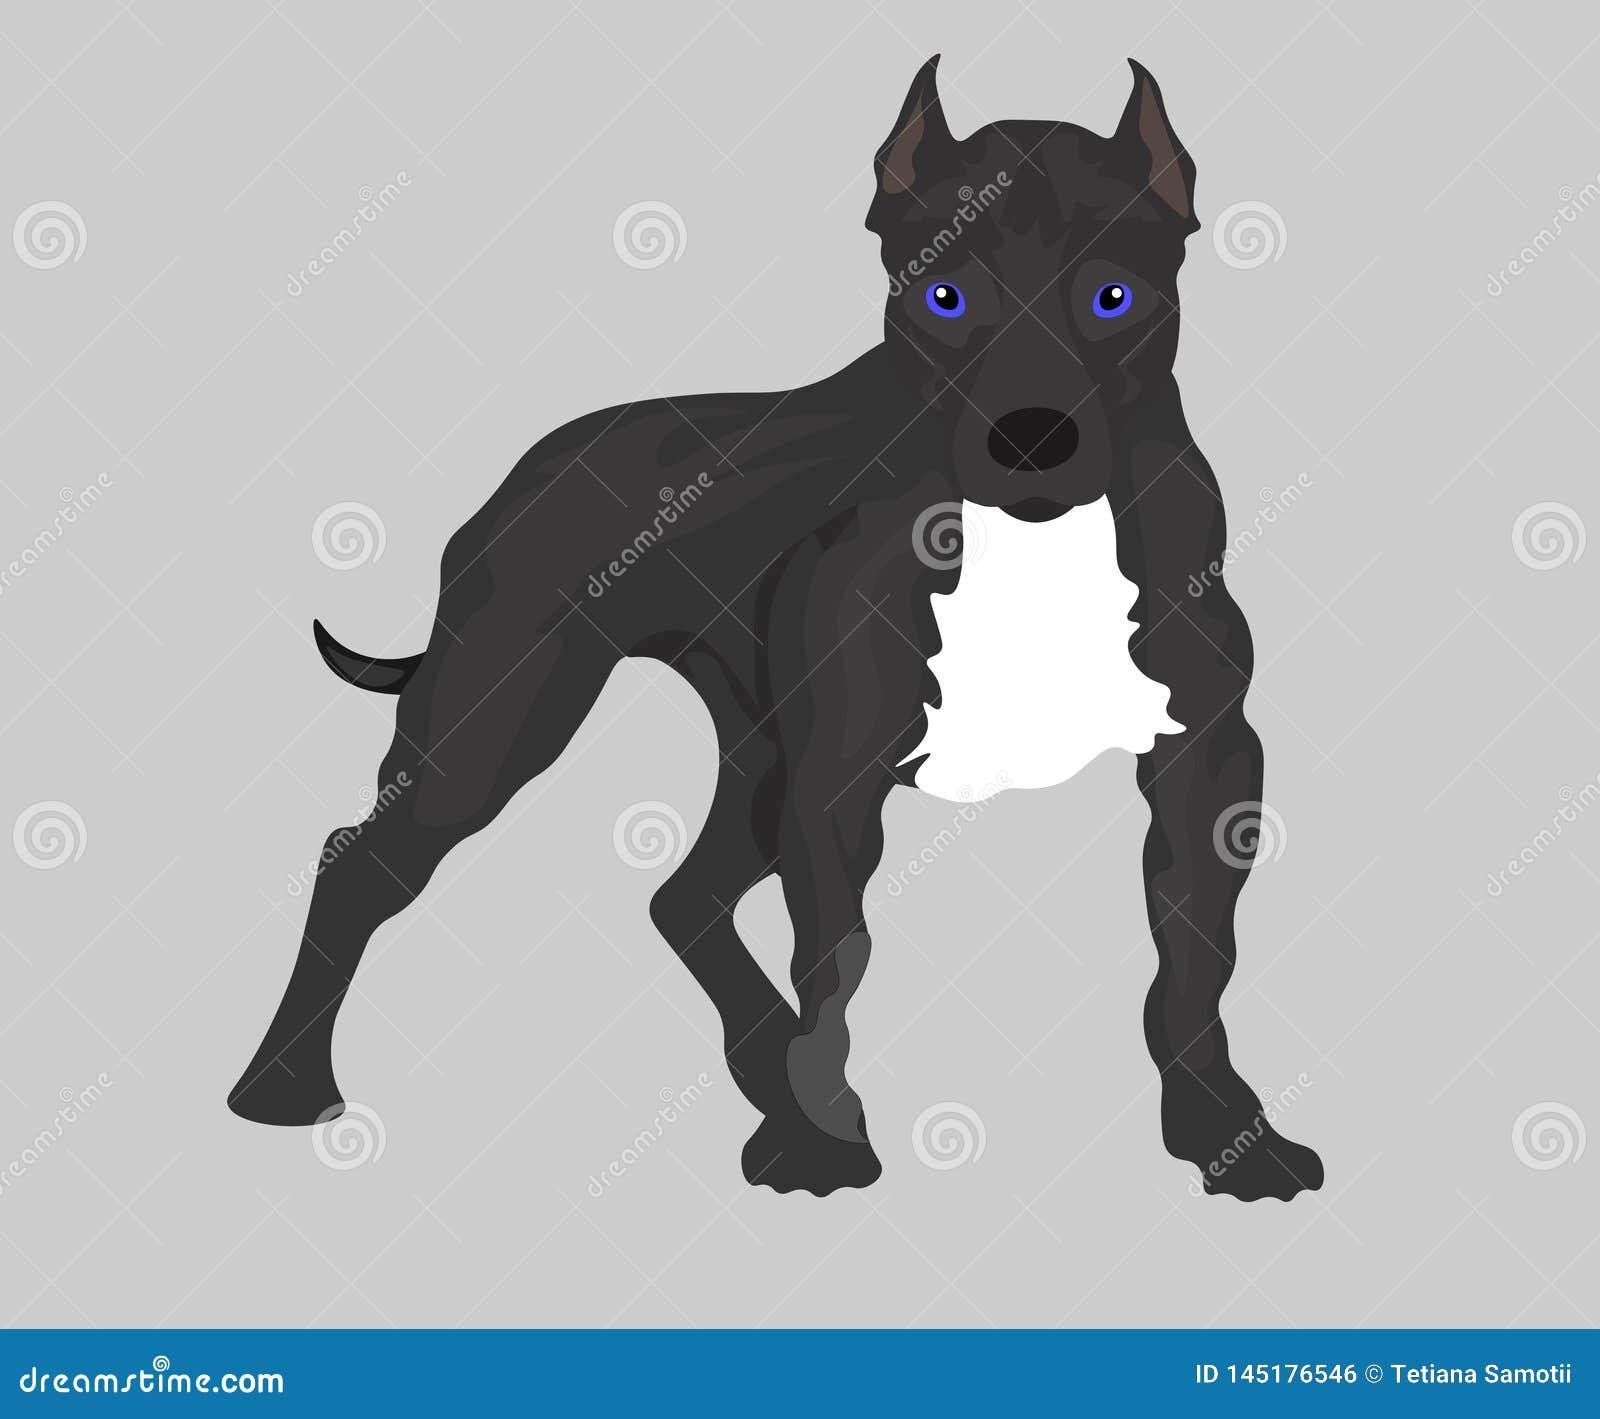 Σύνολο εικόνας Ιστού σκυλιών: Αμερικανικό τεριέ πίτμπουλ r